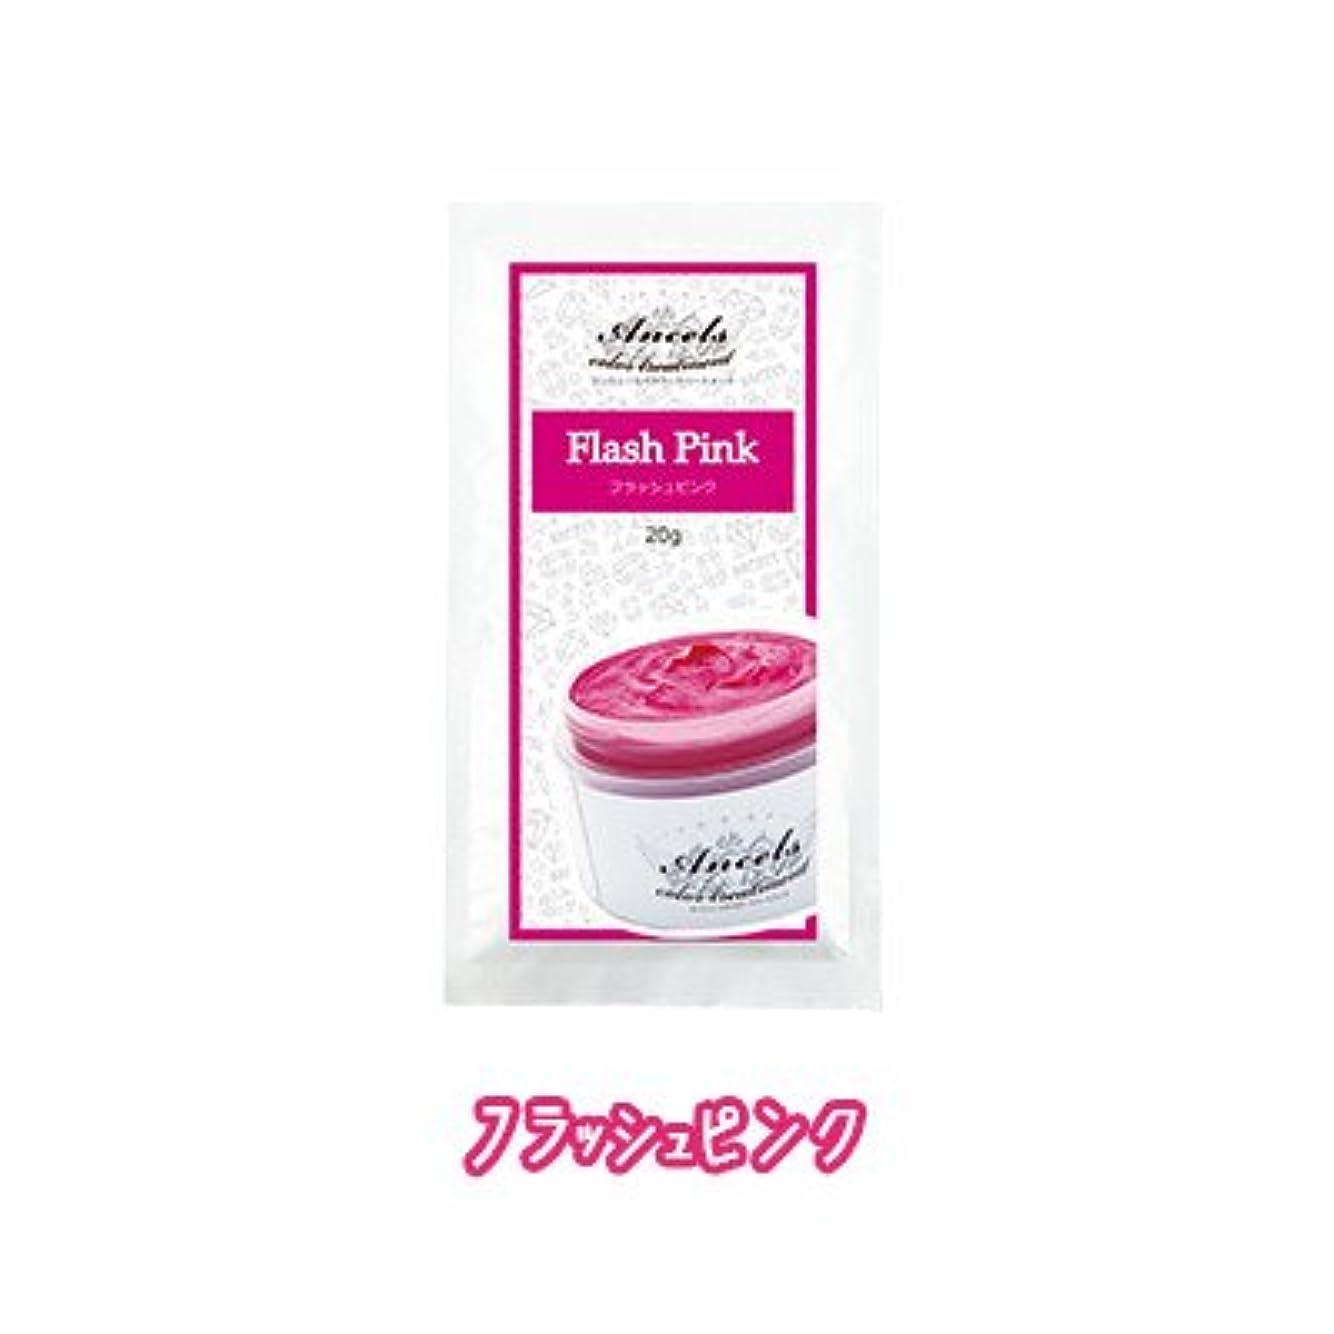 かまど定期的豆腐エンシェールズ カラートリートメントバター プチ(お試しサイズ) フラッシュピンク 20g